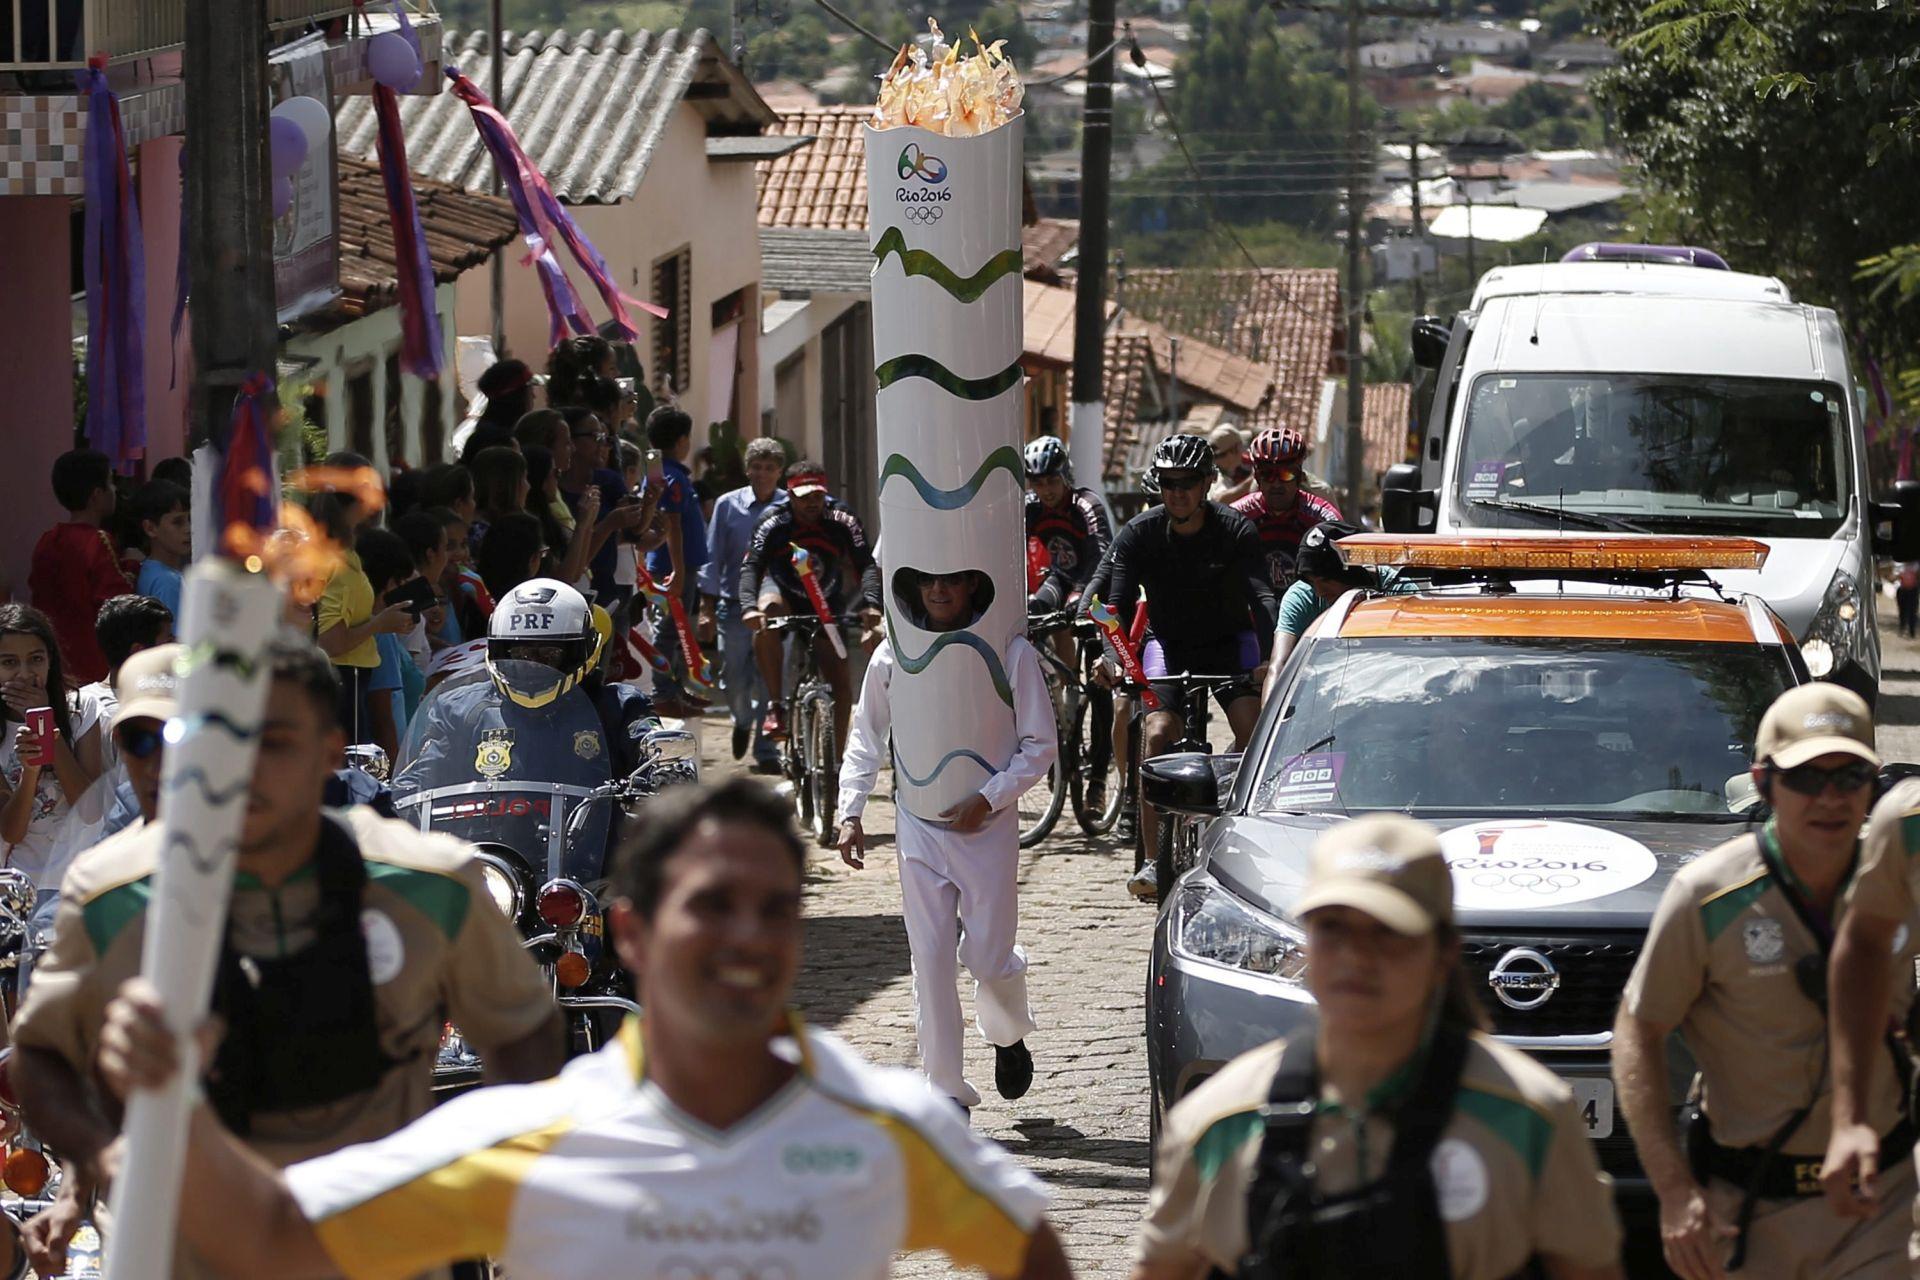 EPIDEMIJA ZIKE: Brazilske vlasti ne kane odgoditi ni premjestiti Olimpijske igre